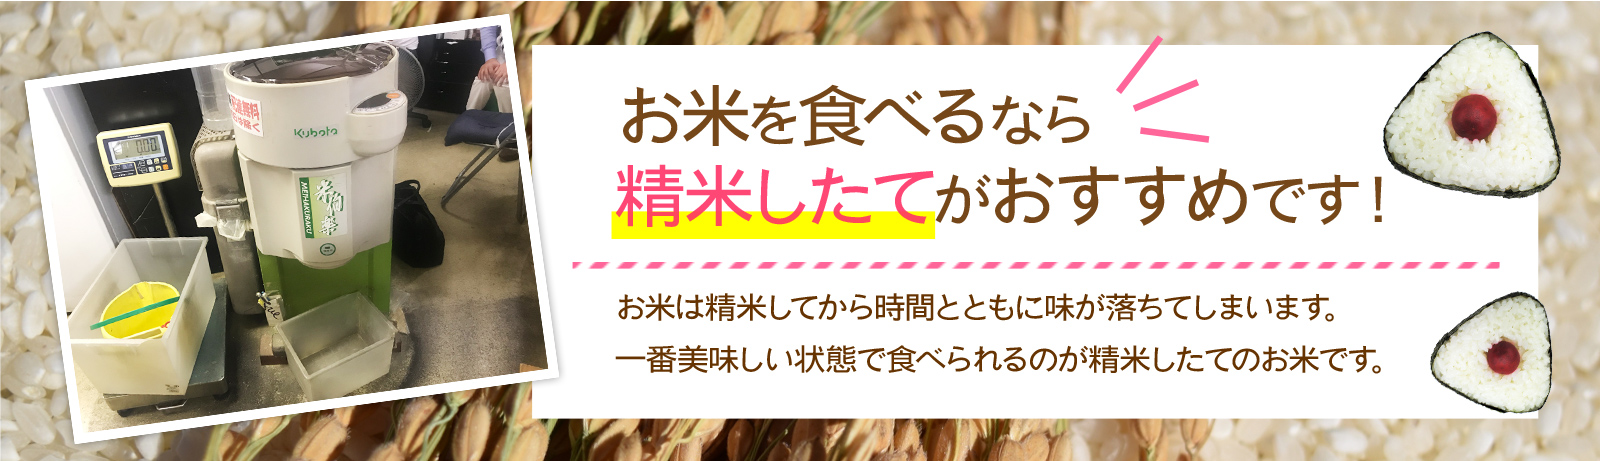 お米を食べるなら精米したてがおすすめです